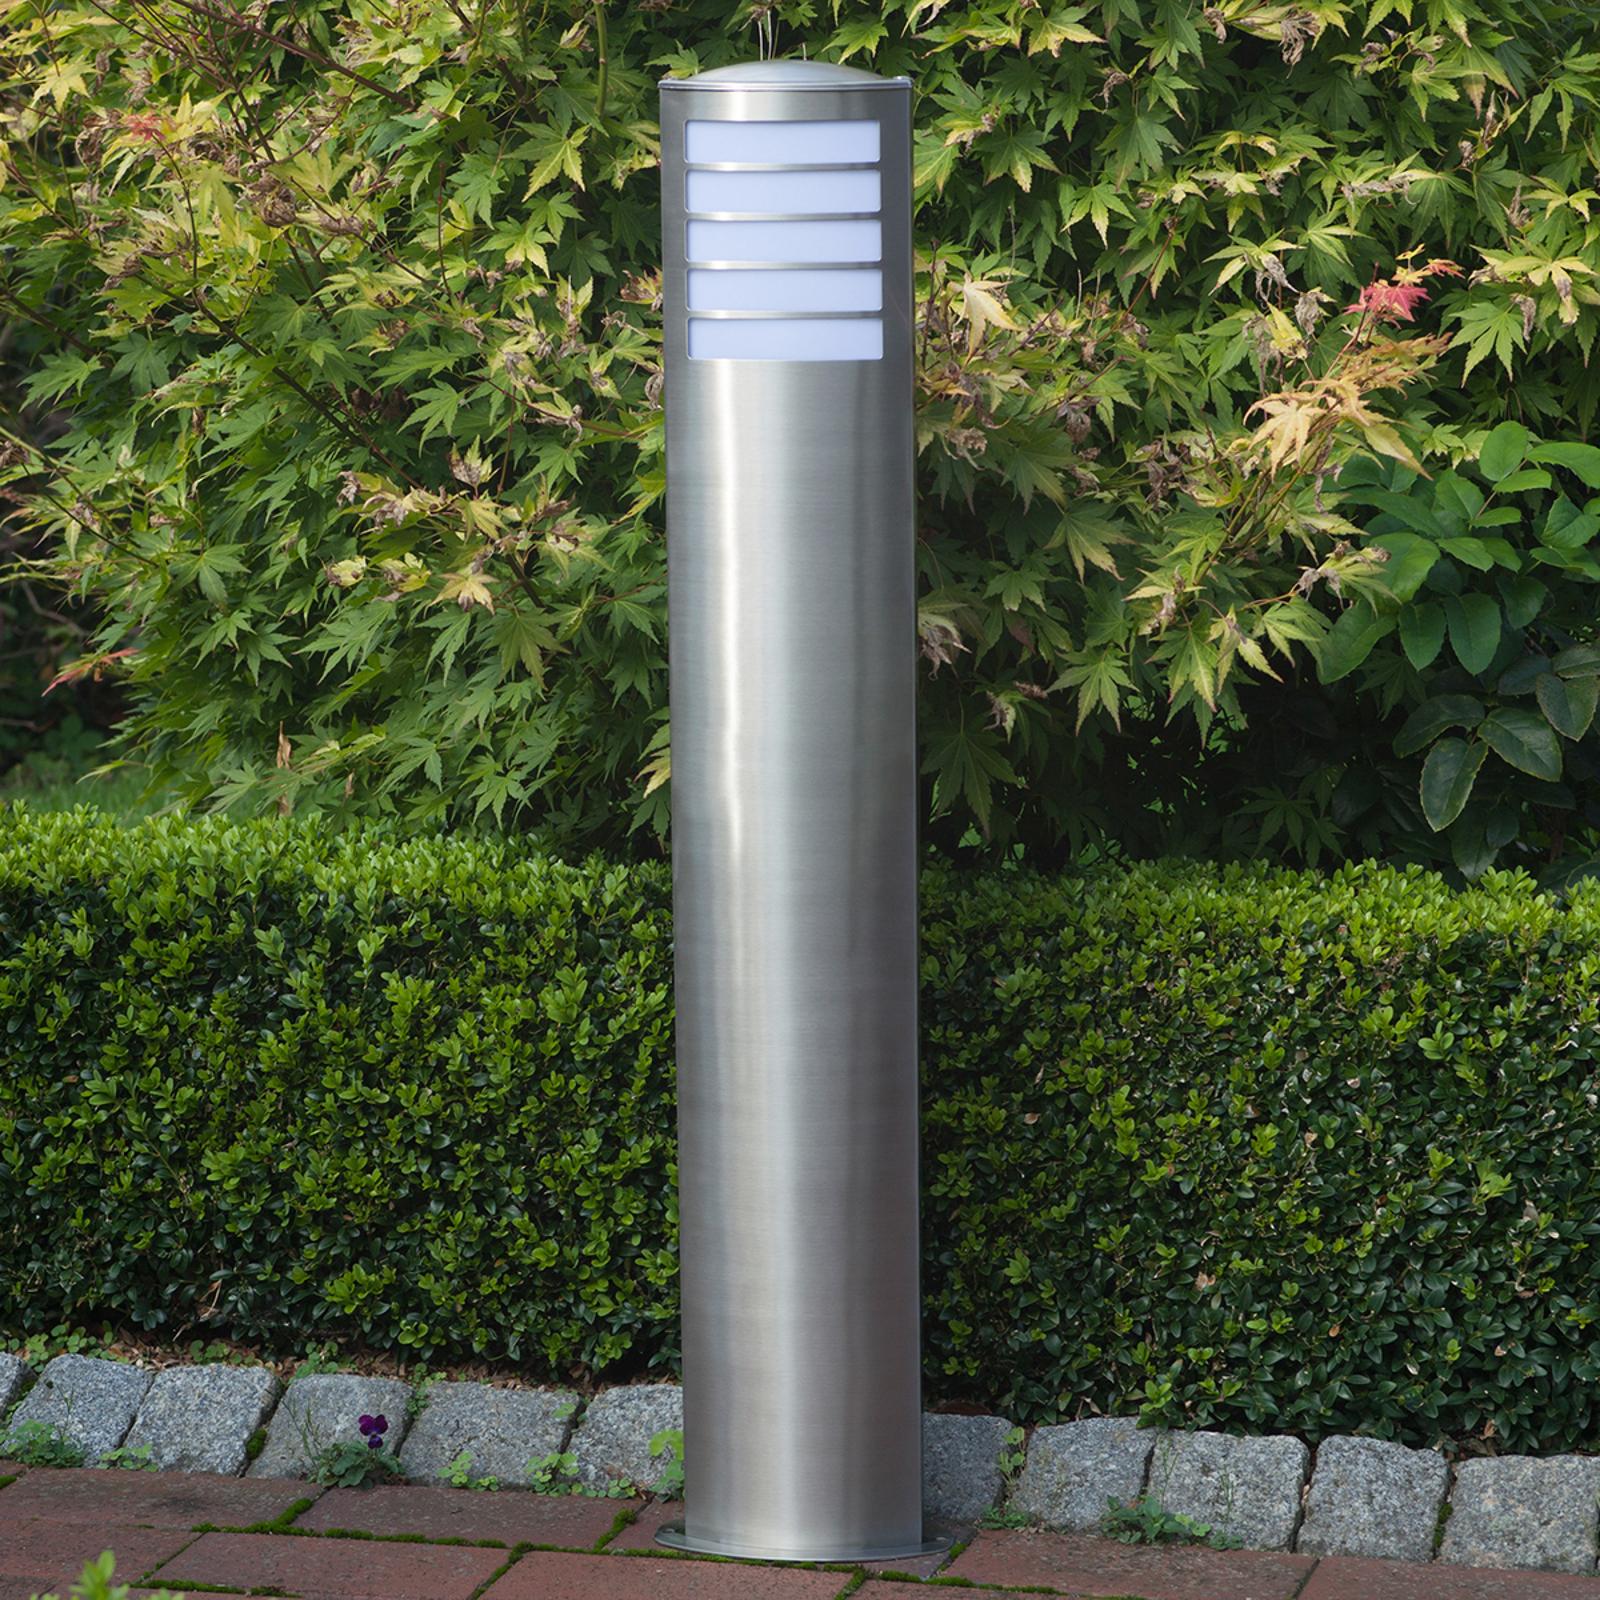 Rvs tuinpadverlichting Todd voor spaarlamp